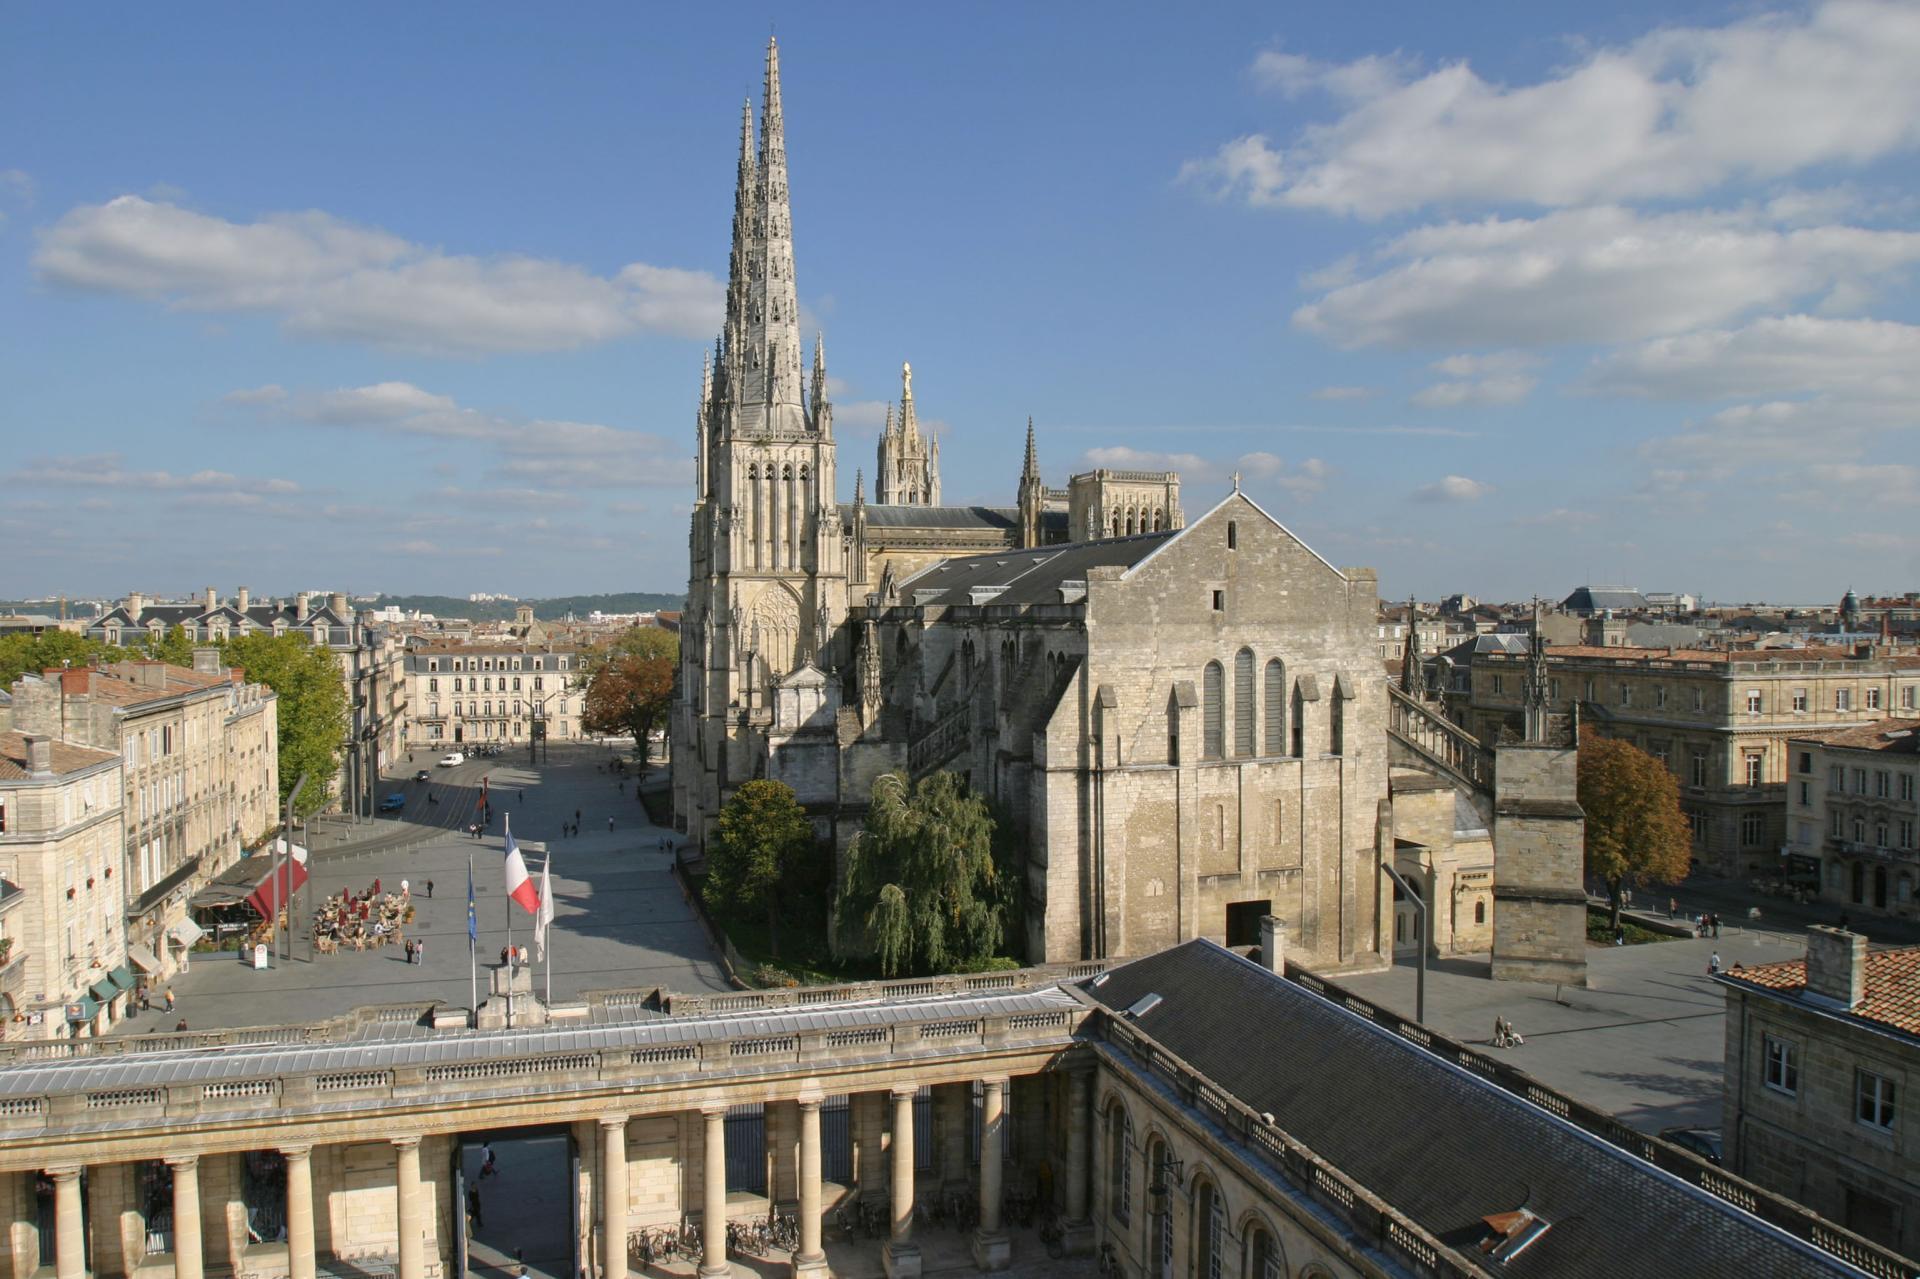 Vista aérea da Catedral de Bordéus